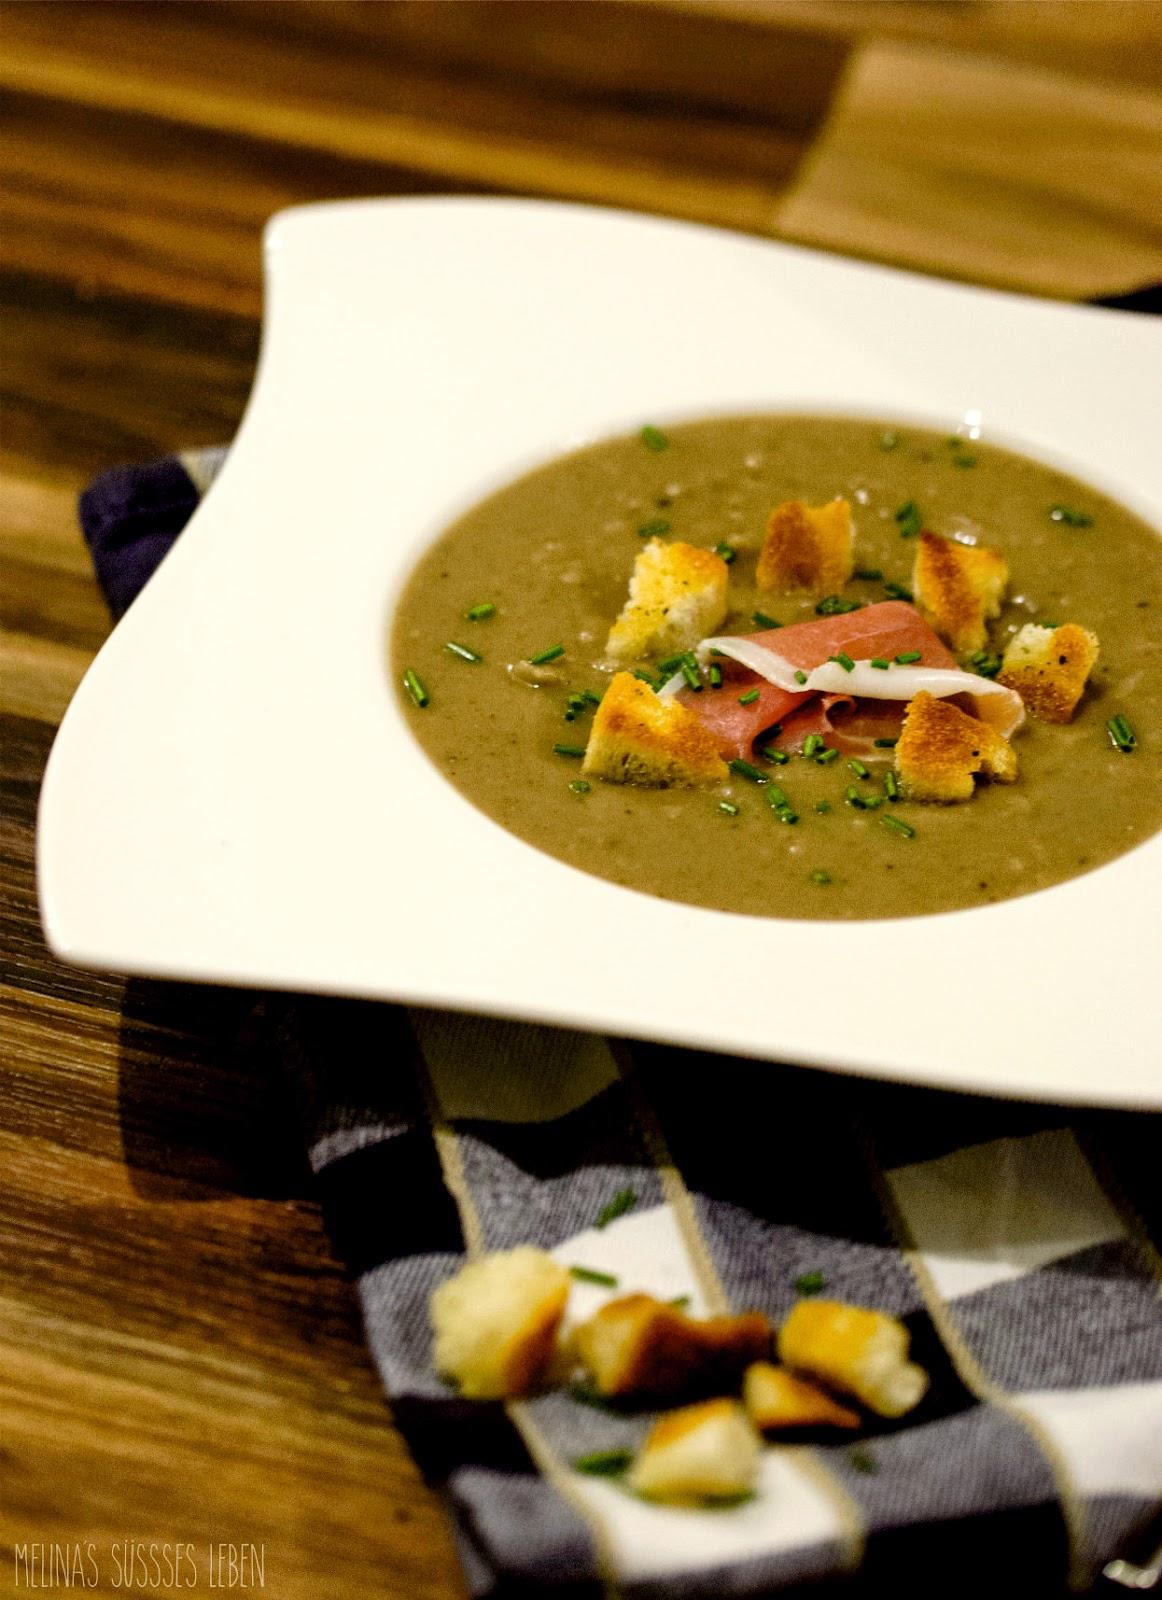 melina 39 s s es leben maronensuppe mit croutons und serrano weihnachtliche vorspeise. Black Bedroom Furniture Sets. Home Design Ideas